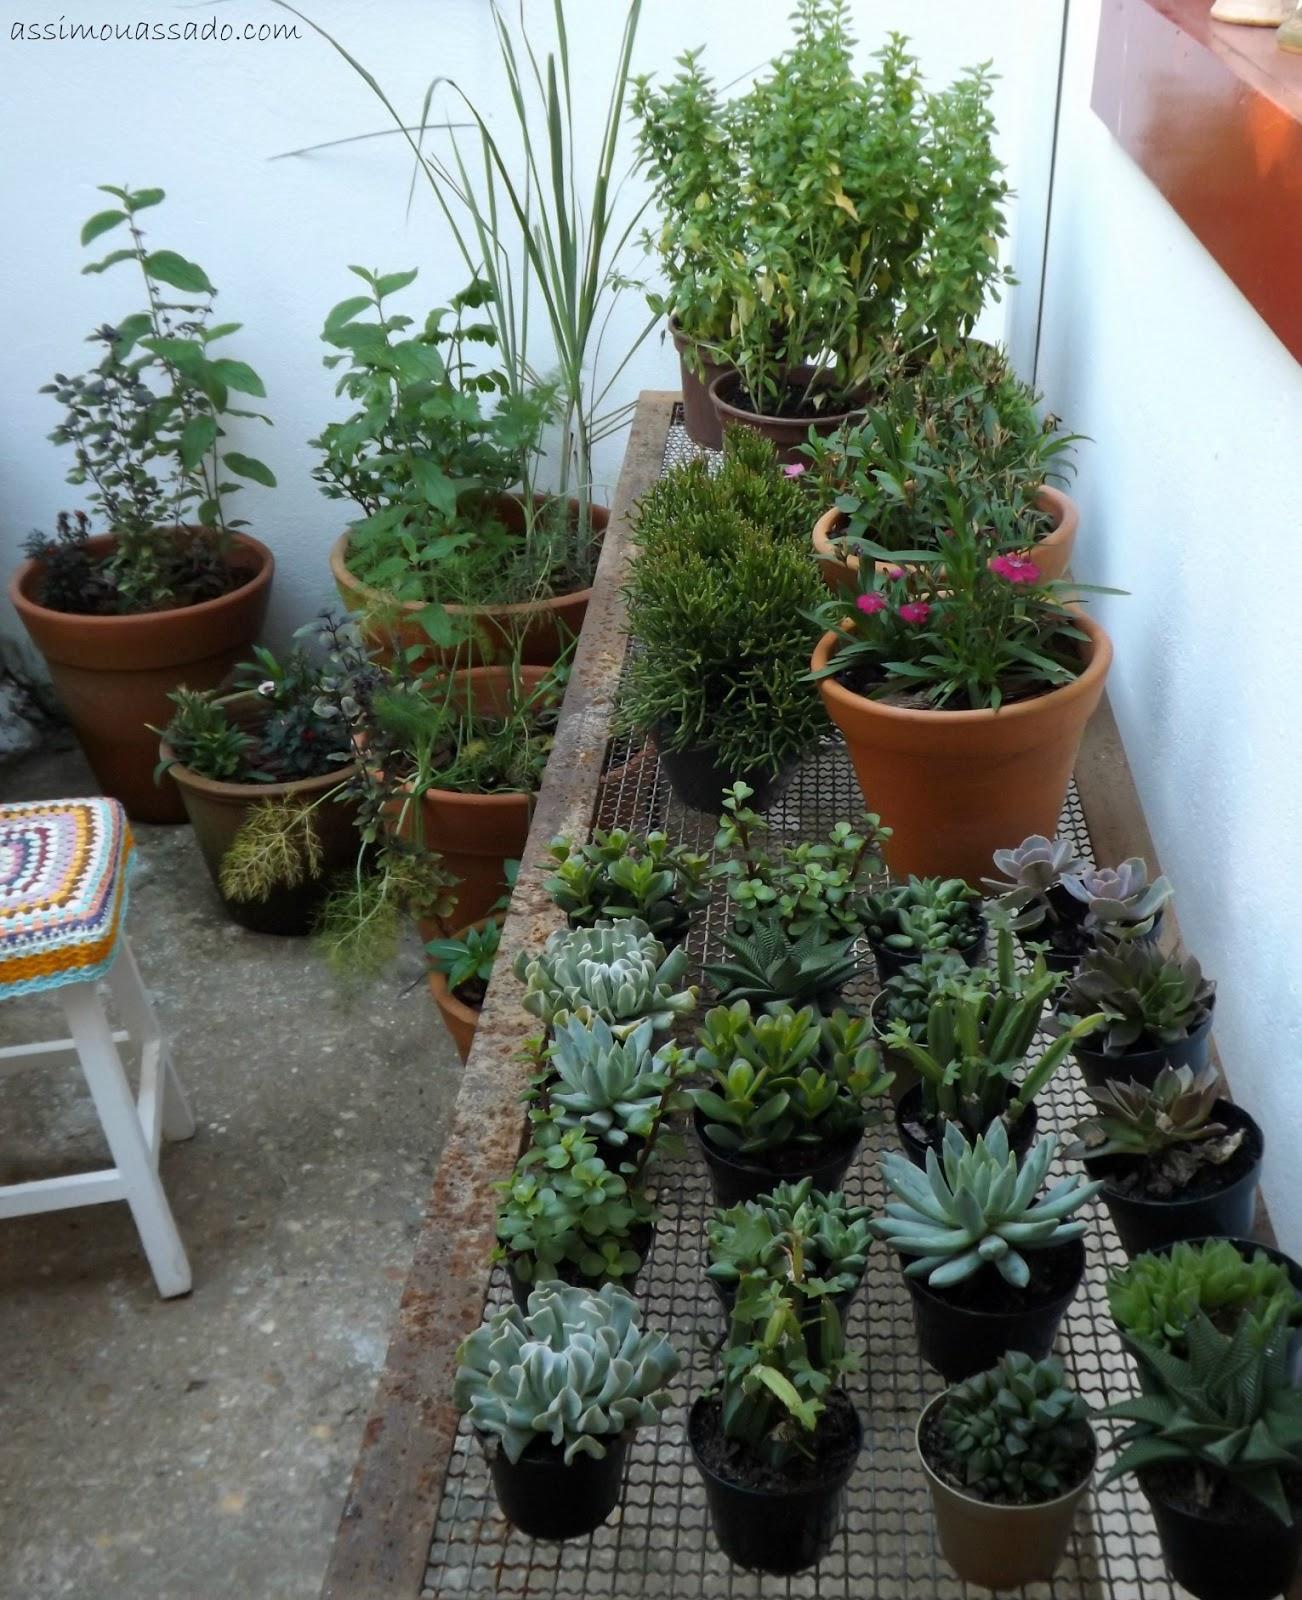 plantas para jardim faceis de cuidar suculentas Plantas bonitas e